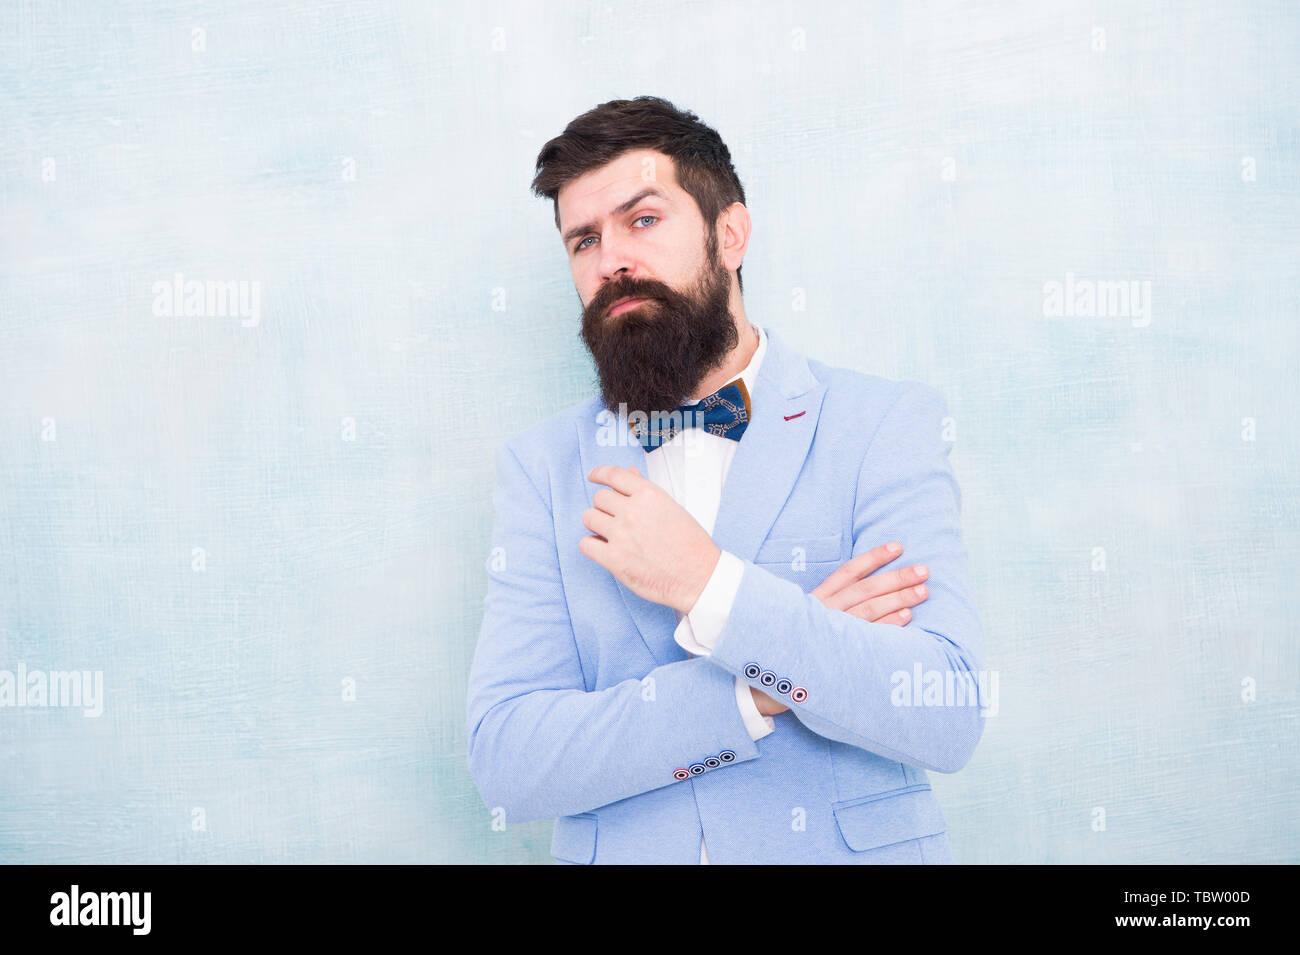 Come battere i nervi sul giorno di nozze. Uomo Barbuto hipster abito formale con il filtro bow tie. Moda nuziale. Stile formale abito perfetto. Sposo impeccabile. Suggerimenti per affrontare pre wedding l'ansia. Suggerimenti per sposi. Immagini Stock